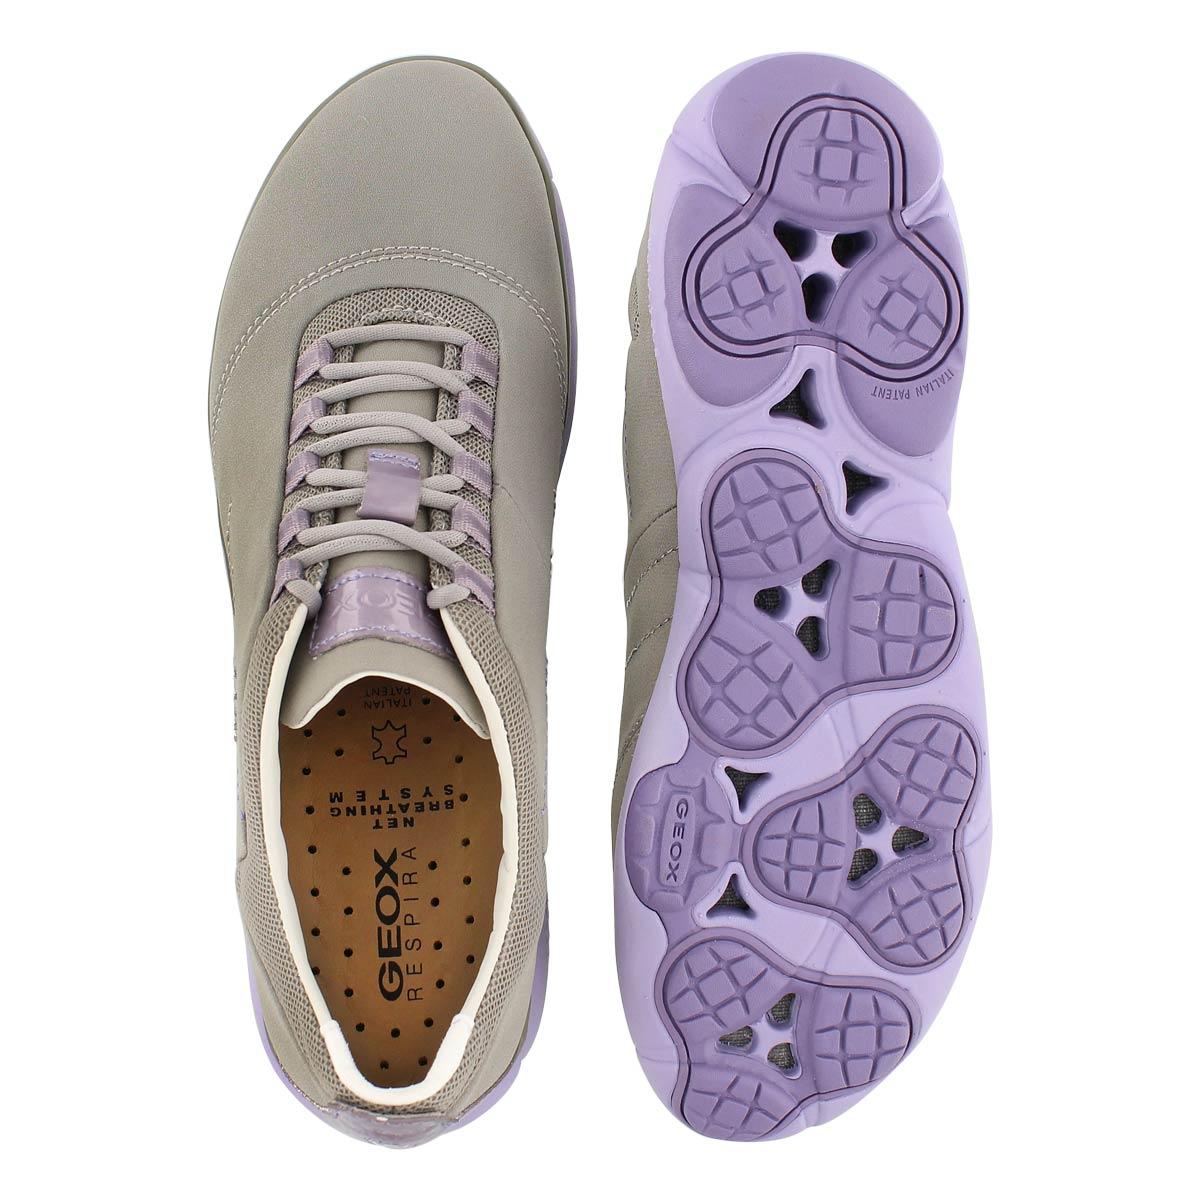 Lds Nebula lt gry/lilac running shoe